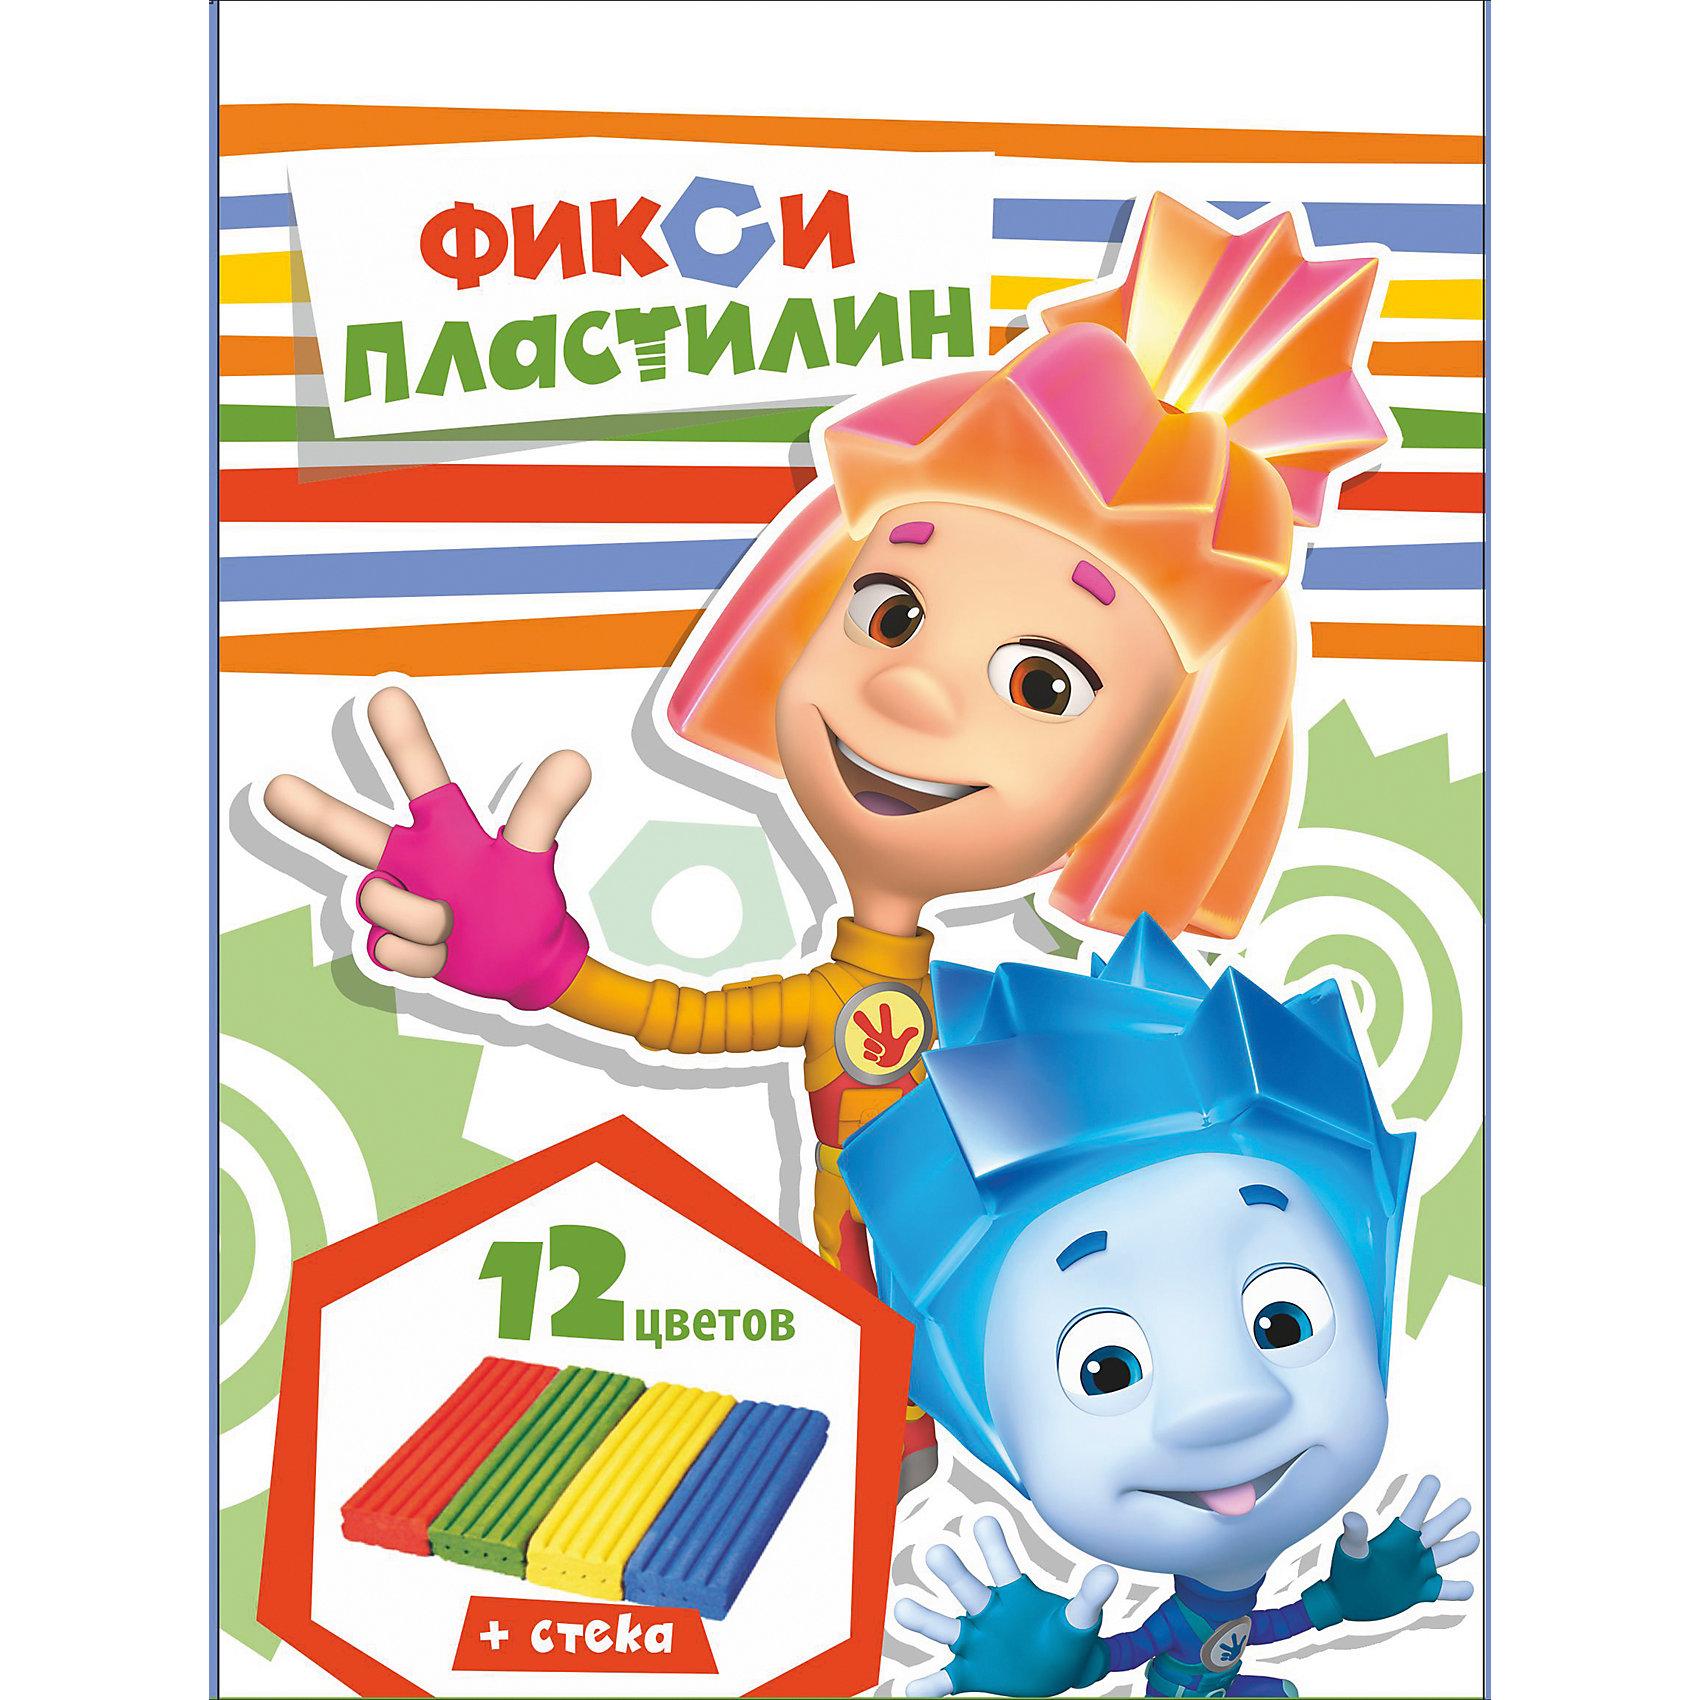 Пластилин Фиксики 12 цветов, 240 гПластилин Фиксики 12 цветов, 240 г, Centrum (Центрум)<br><br>Характеристики:<br><br>•яркие цвета<br>• хорошо мнется<br>• привлекательная упаковка с любимыми героями мультфильма<br>• размер упаковки: 1,5х22х14,5 см<br>•в комплекте: 12 брусков пластилина, стек<br>• вес: 240 грамм<br><br>Лепка из пластилина - очень увлекательное занятие, особенно если на помощь приходят Фиксики. Набор пластилина от Centrum содержит 12 брусочков пластилина. Он хорошо мнется и не липнет к рукам. Также в наборе есть стек, который поможет ребенку отделить необходимое количество пластилина.<br><br>Пластилин Фиксики 12 цветов, 240 г, Centrum (Центрум) вы можете купить в нашем интернет-магазине.<br><br>Ширина мм: 15<br>Глубина мм: 145<br>Высота мм: 220<br>Вес г: 250<br>Возраст от месяцев: 36<br>Возраст до месяцев: 120<br>Пол: Унисекс<br>Возраст: Детский<br>SKU: 5175363